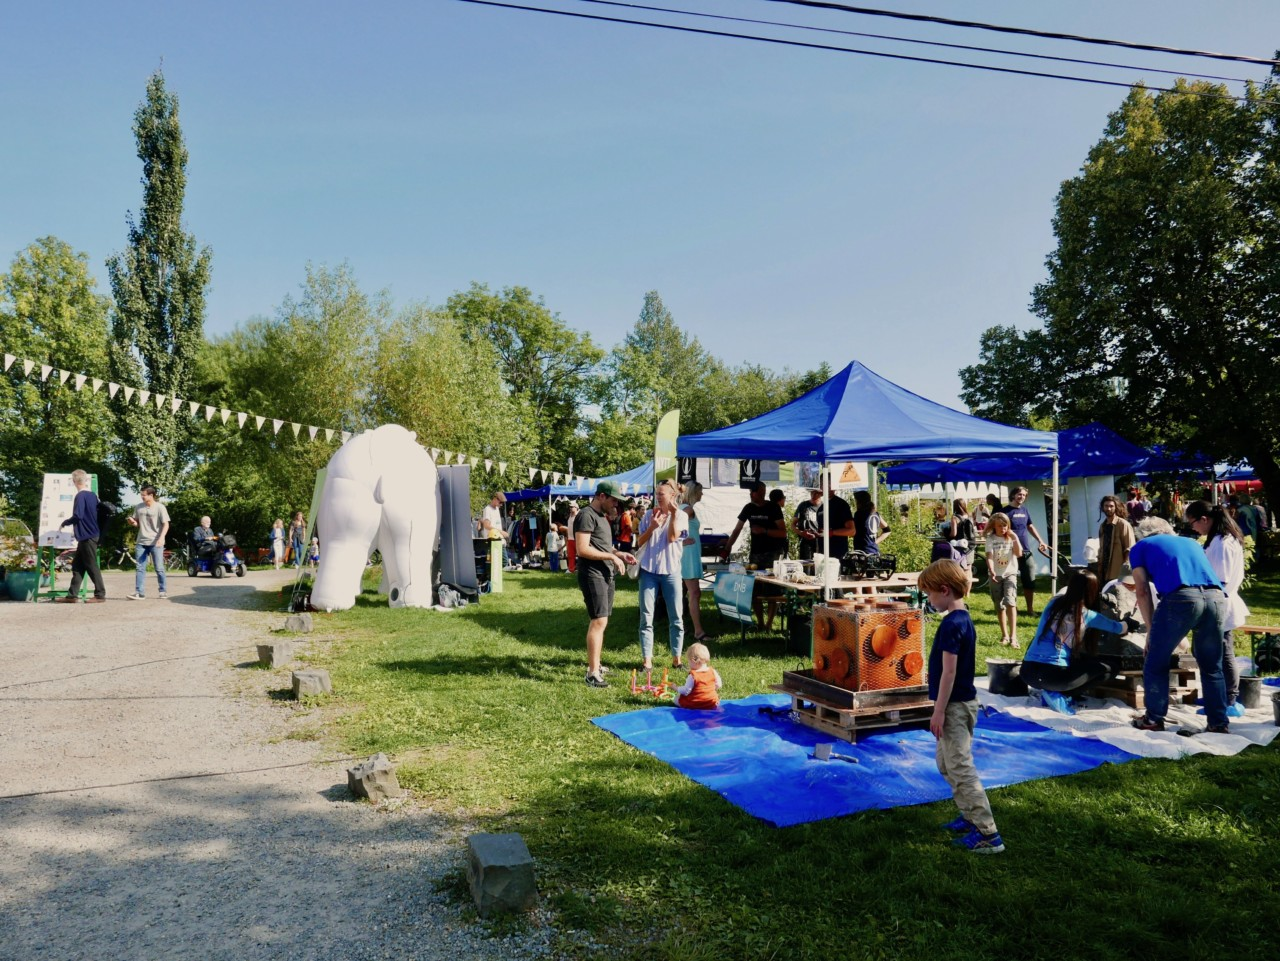 ice-bear-ass-gronn-festival-nesodden-hellviktangen